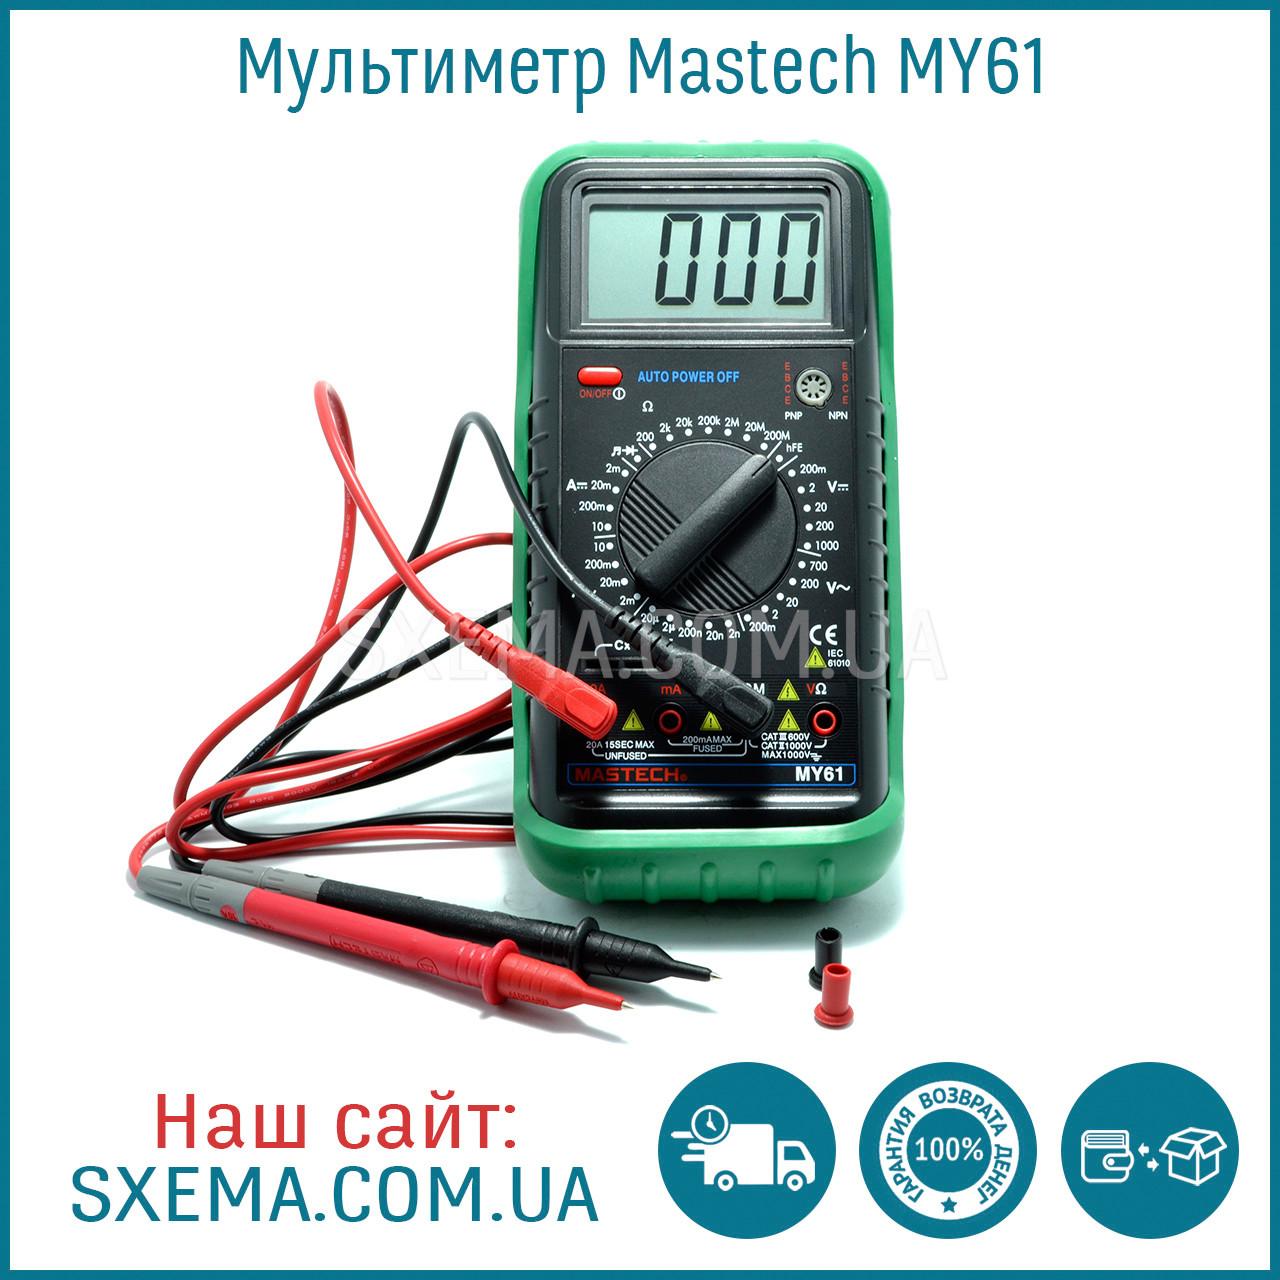 Мультиметр MASTECH MY61 с автовыключением, амперметр, вольтметр, прозвонка